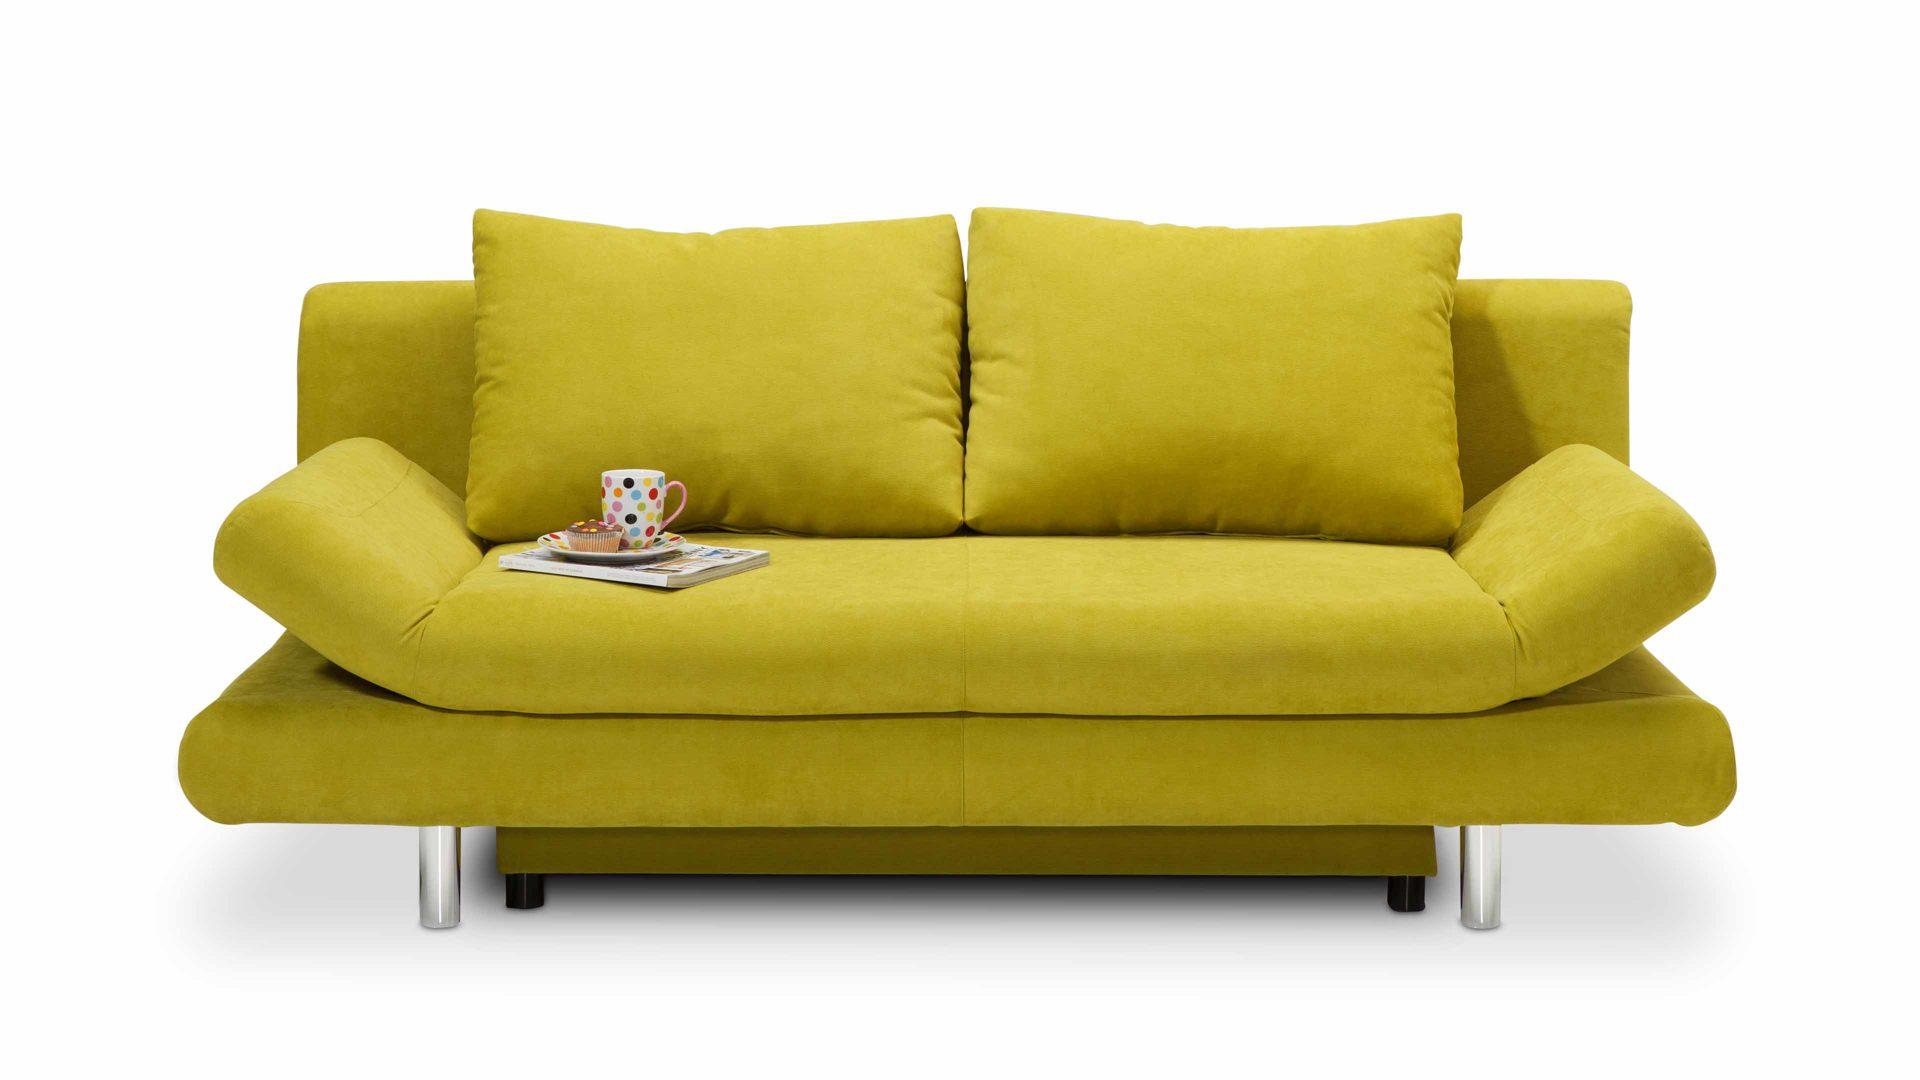 Schlafsofa Frankfurt schlafcouch polstermöbel und bettsofa in einem lemongrüner bezug